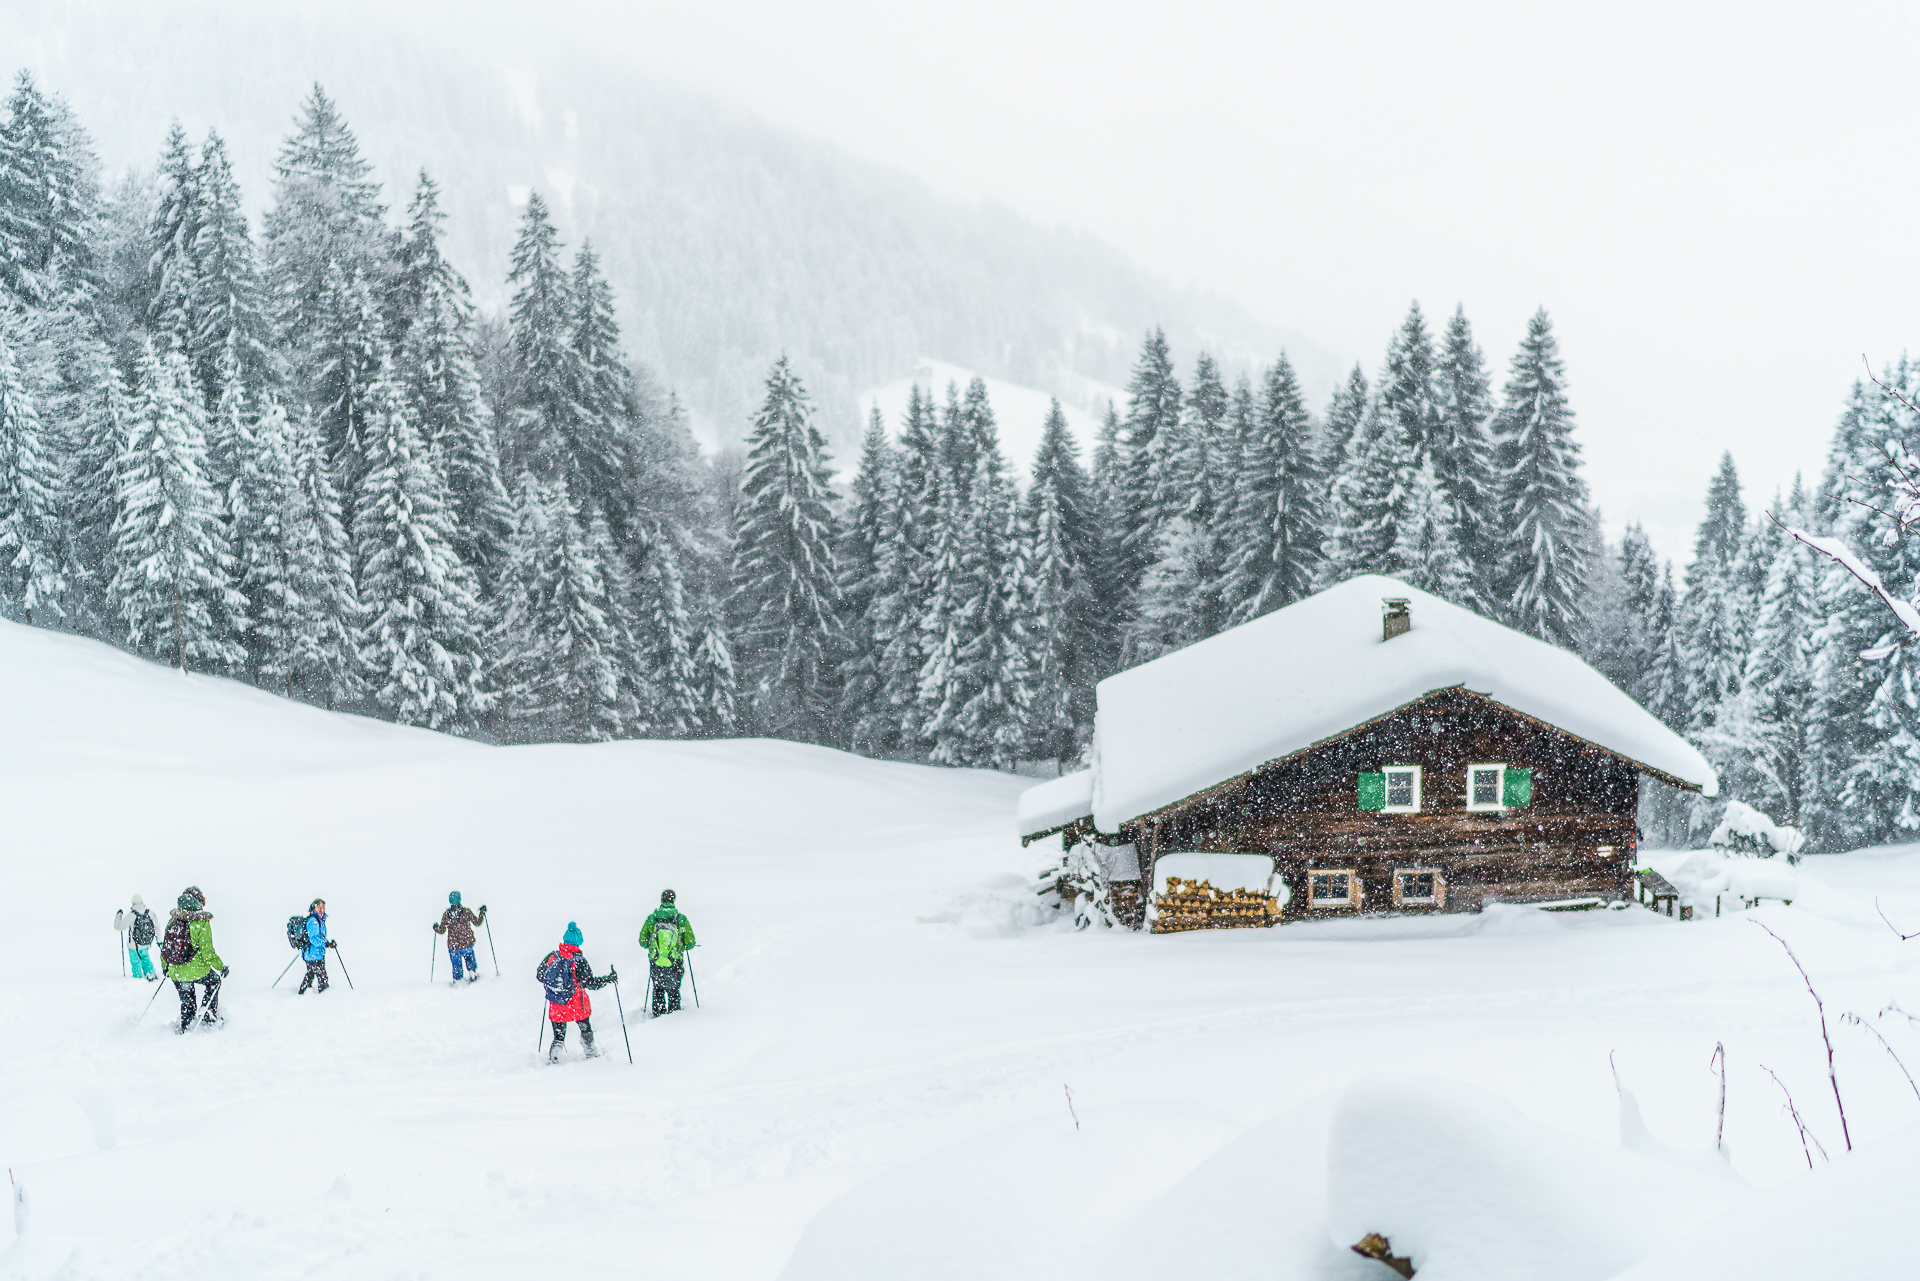 Schneeschuhwandern-im-Tiefschnee